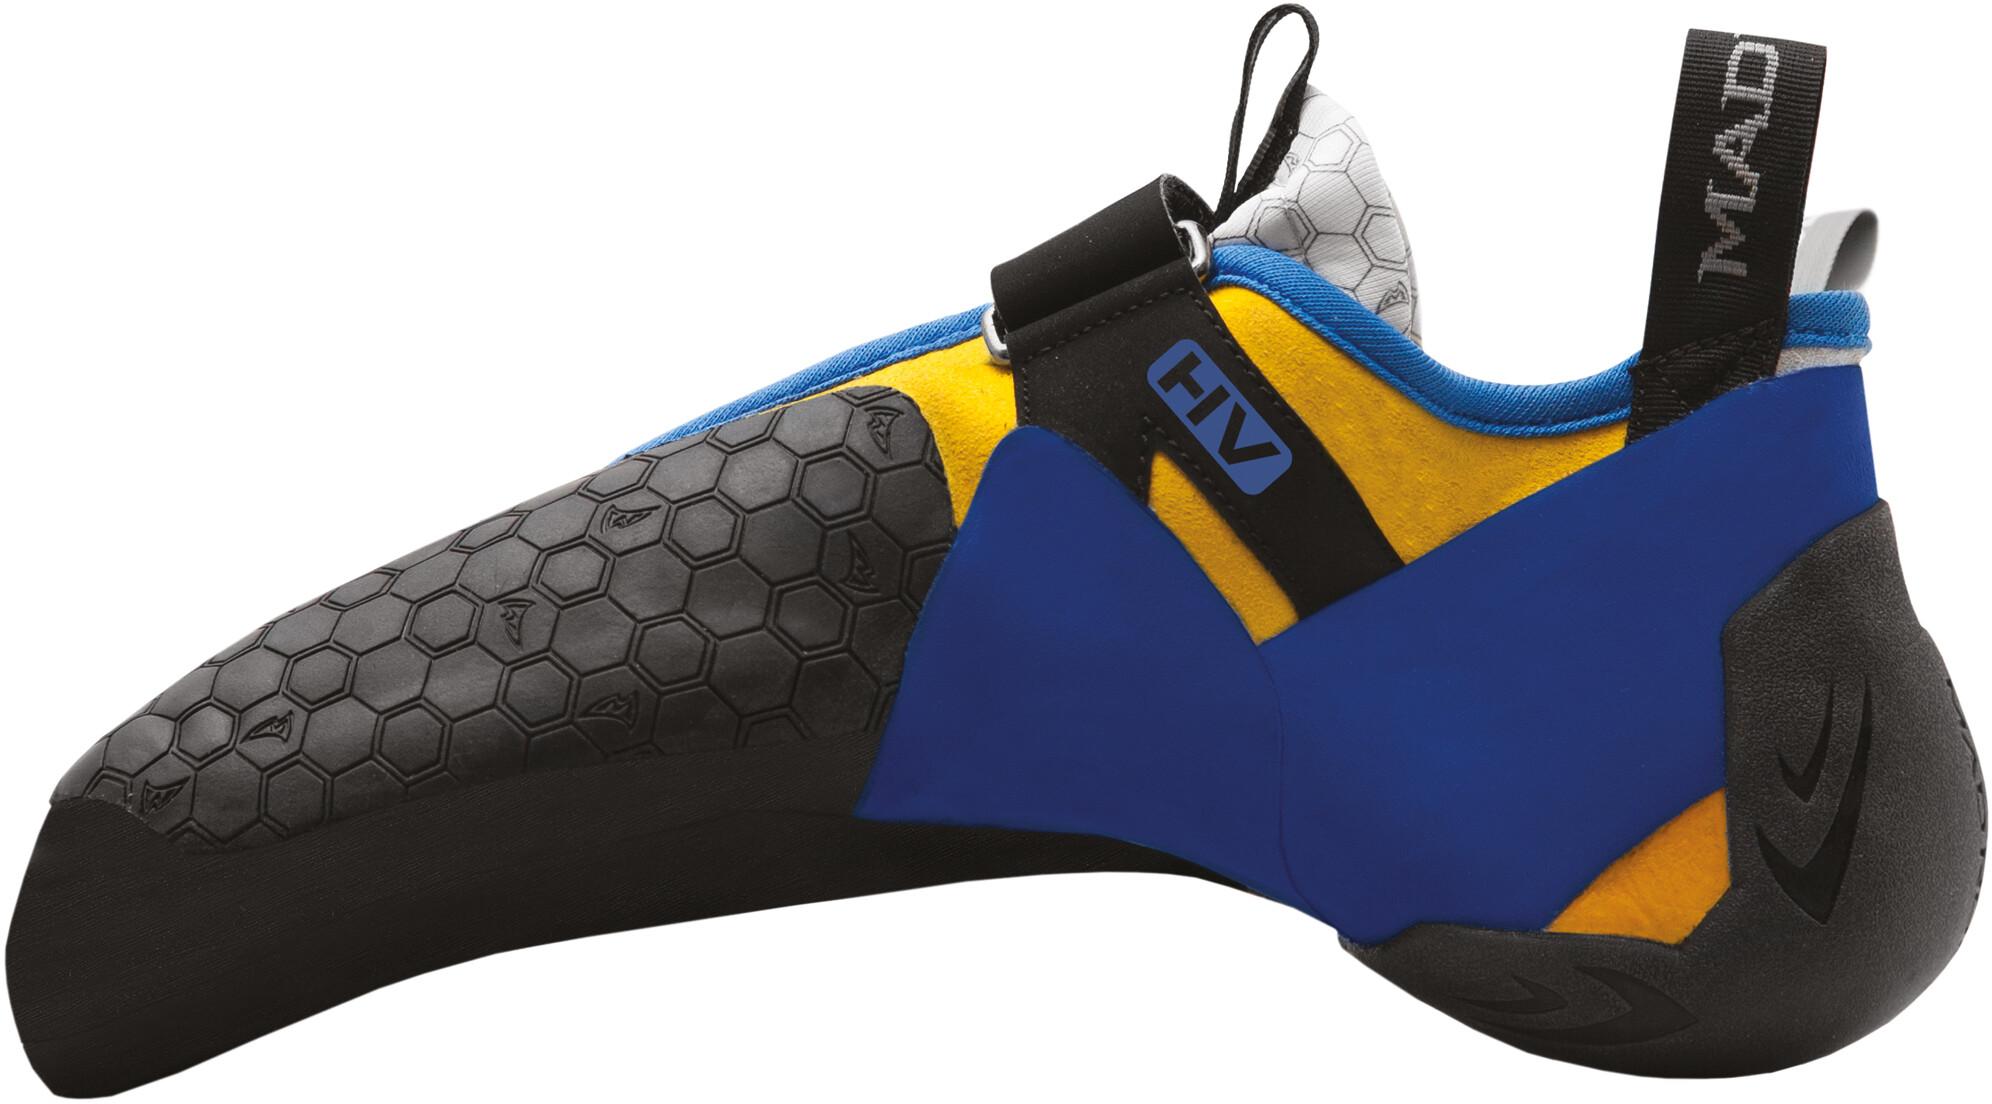 Petzl Klettergurt Aquila : Mad rock drone hv climbing shoes unisex blue white campz.de